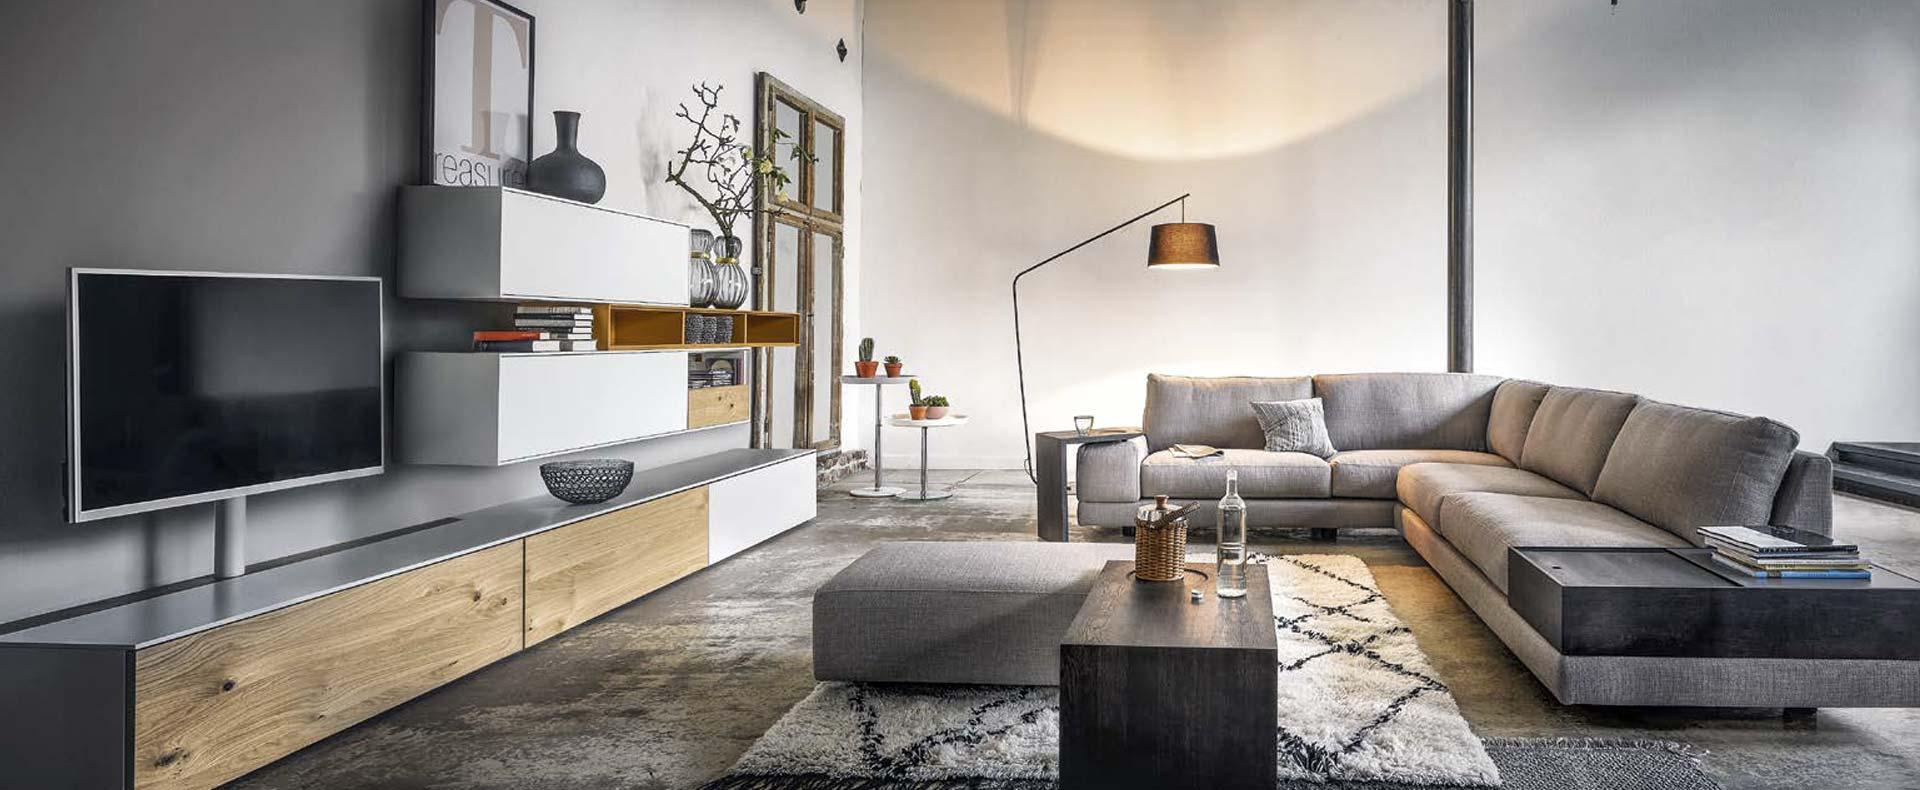 Cool Möbelhaus In Der Nähe Das Beste Von Möbel Klauth – Aktuelles Rund Um Möbel